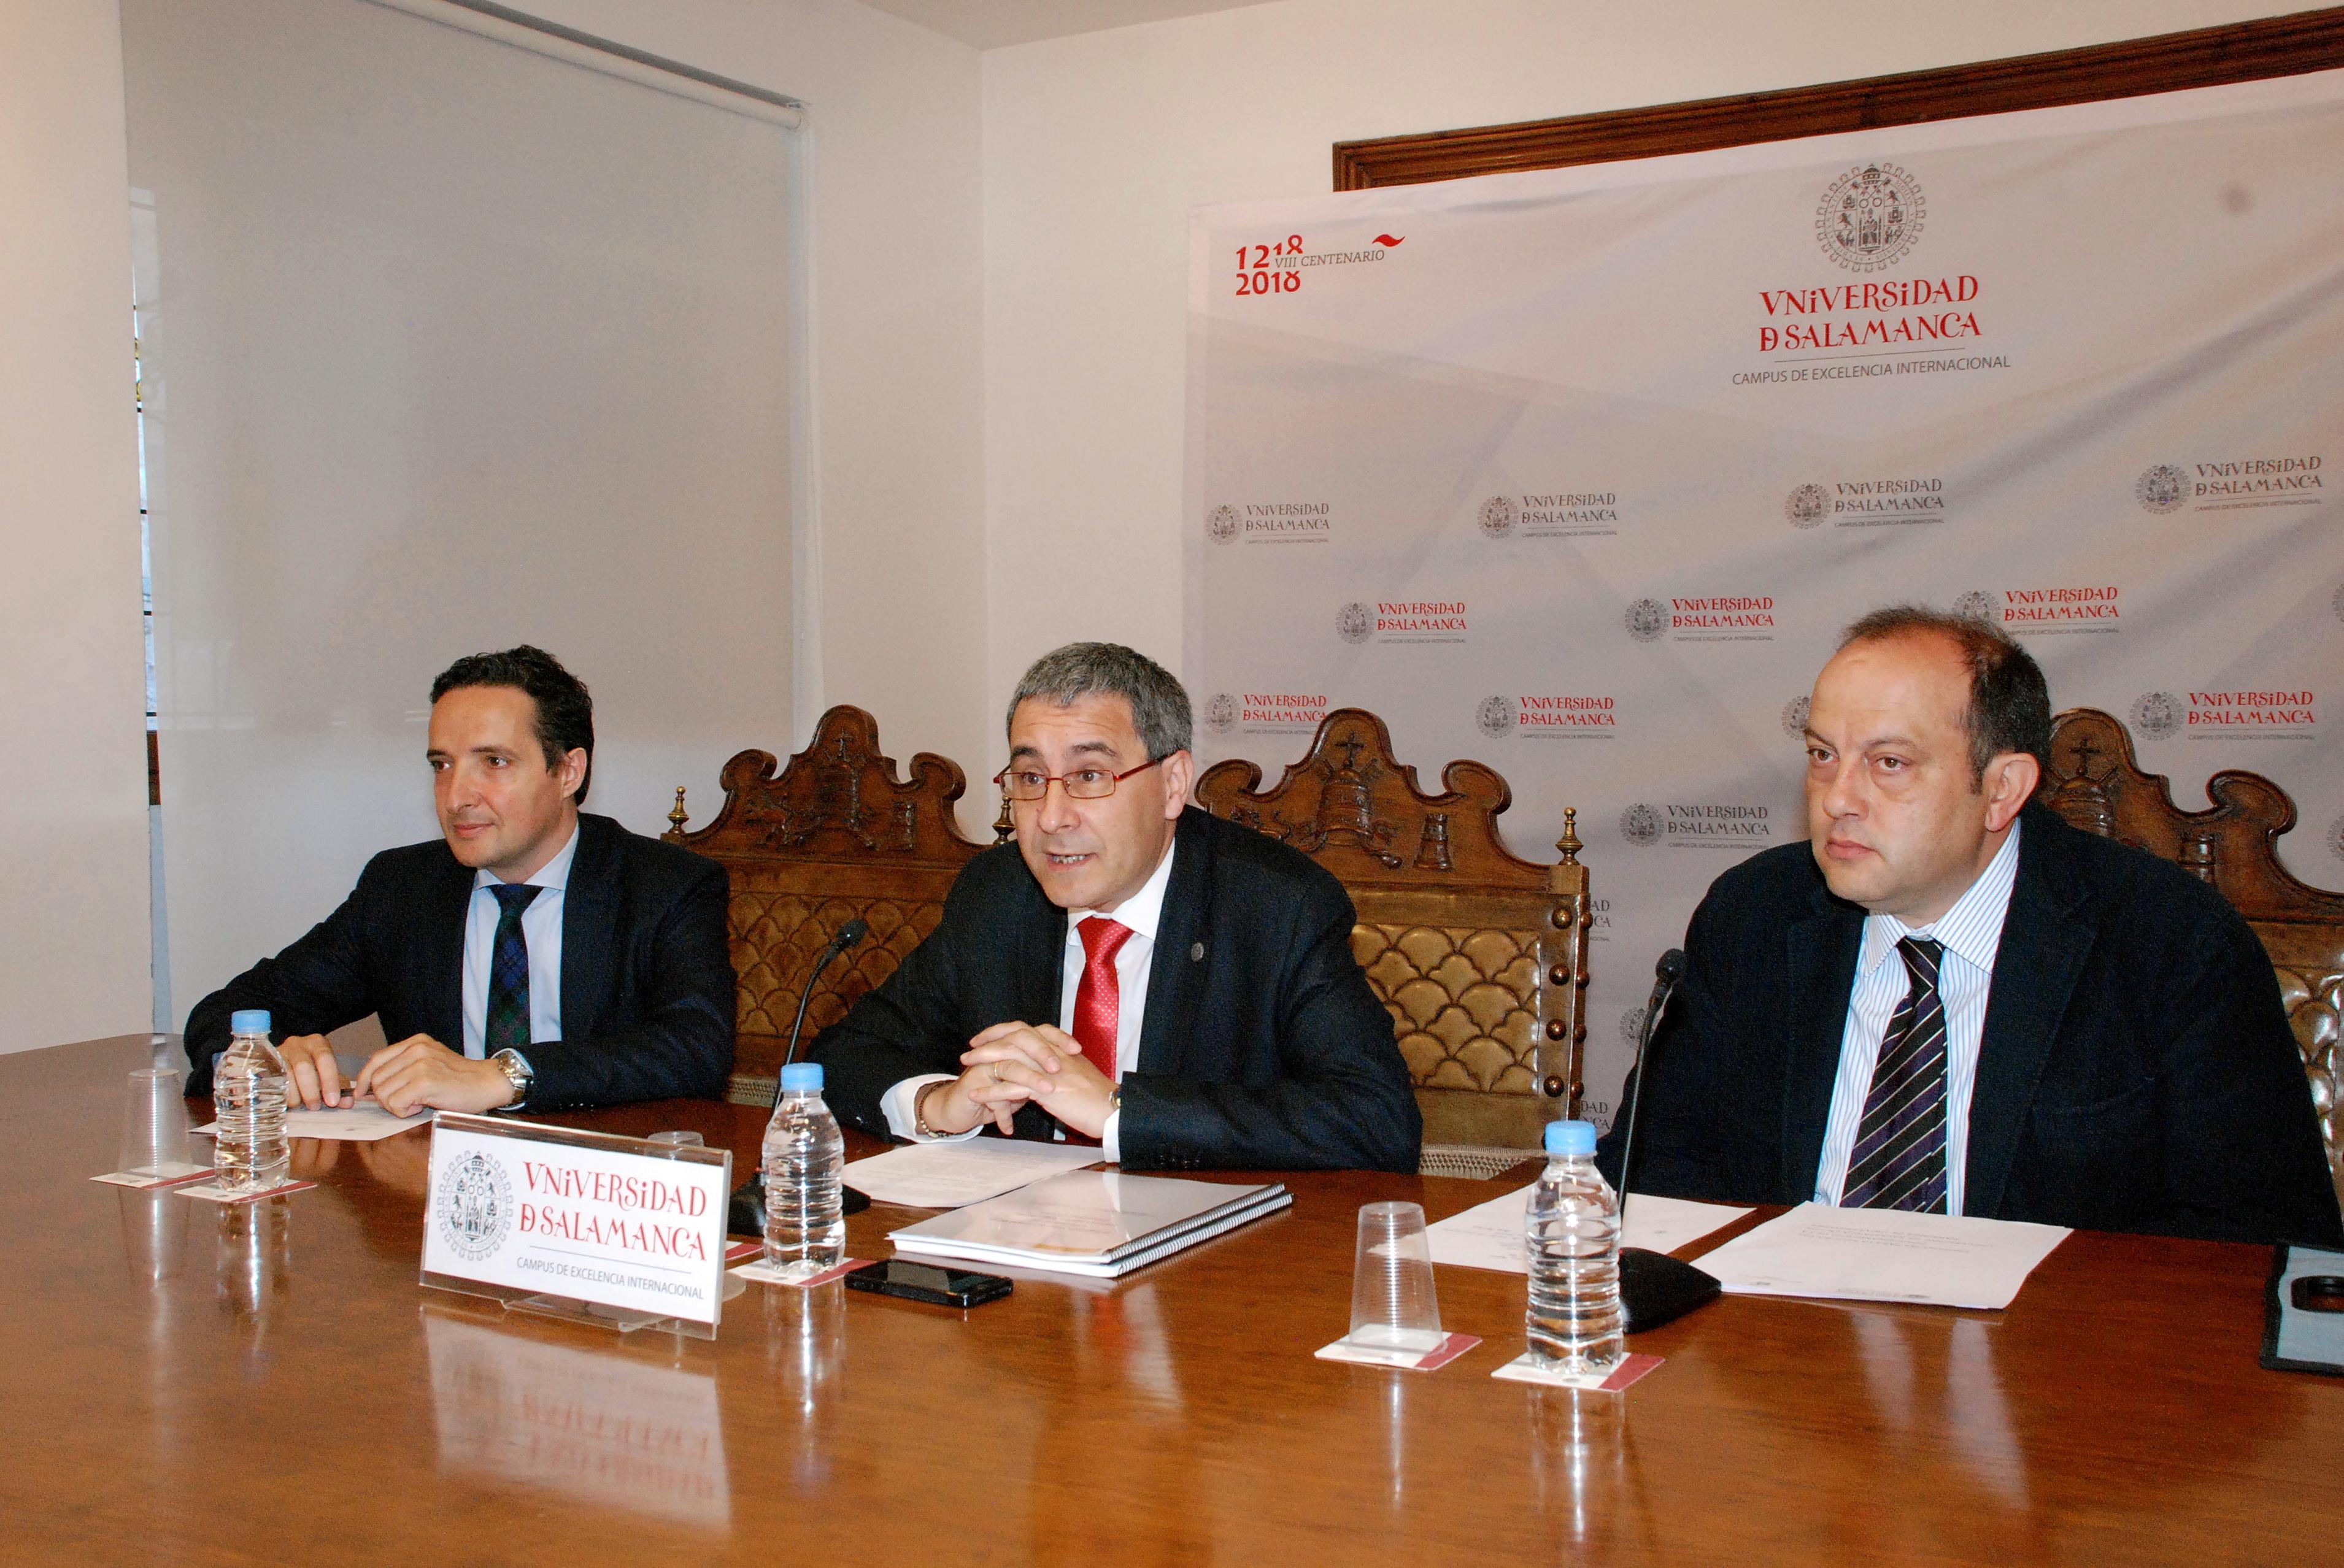 La Universidad de Salamanca pone en marcha una estrategia para mejorar su posicionamiento en los rankings internacionales